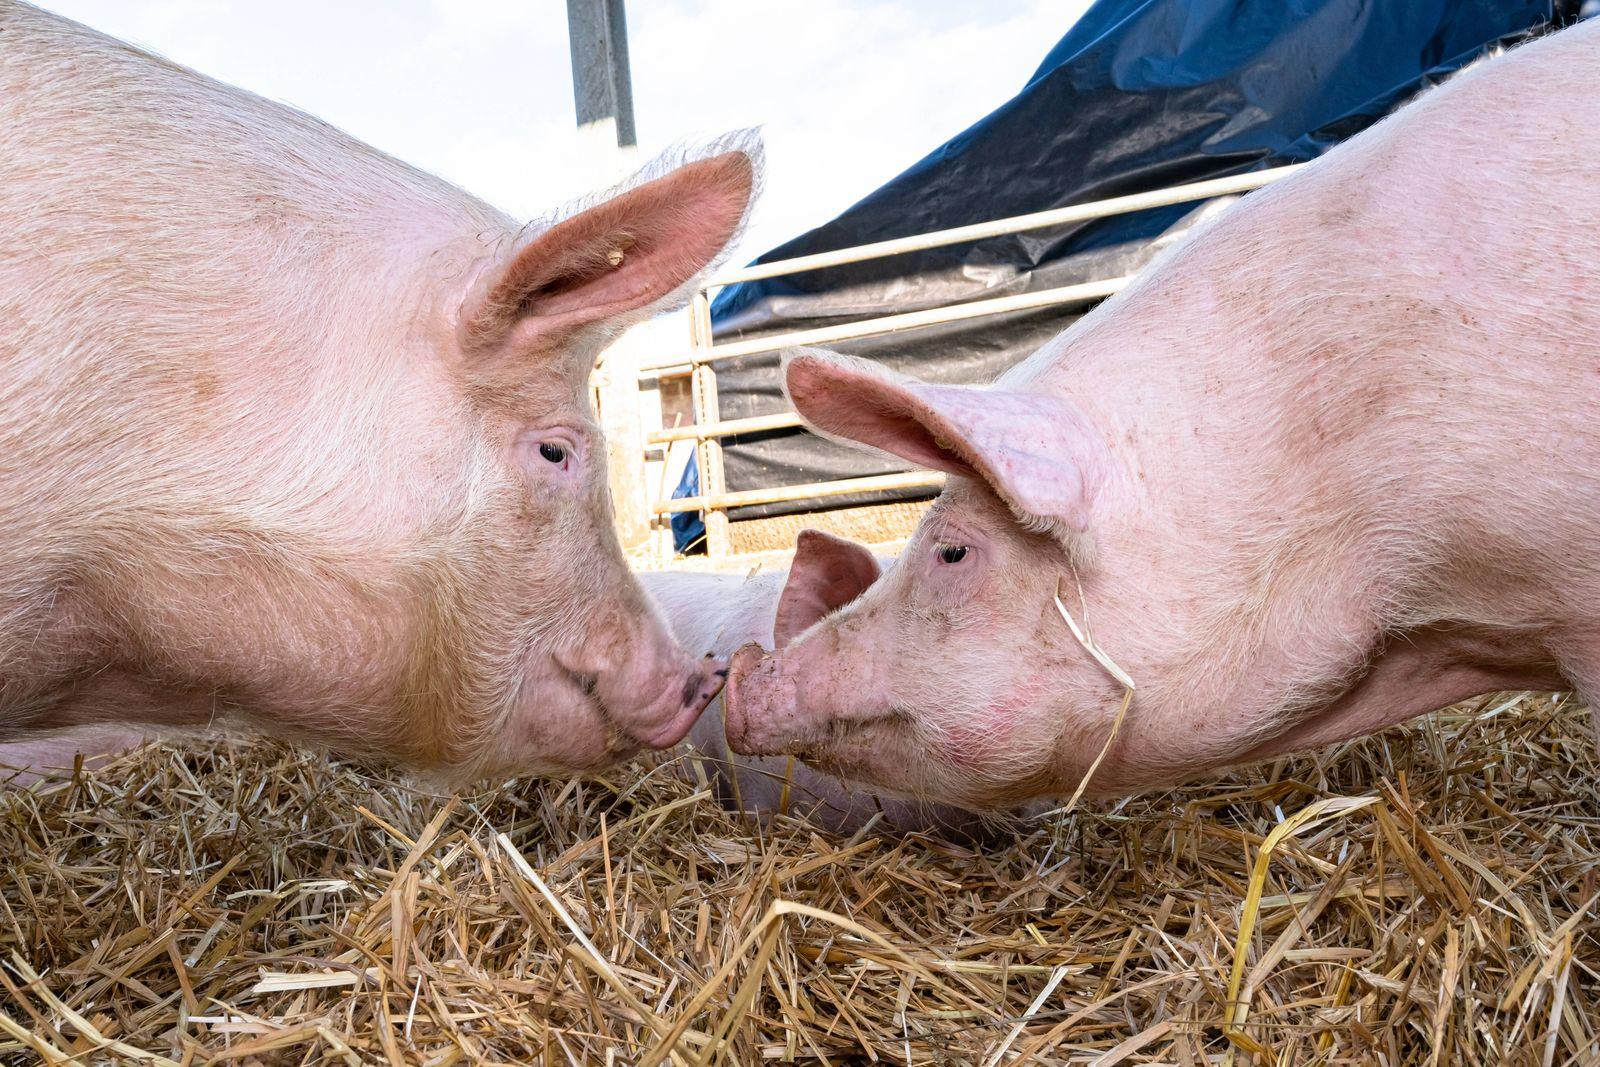 Haltung von Bioschweinen in einer mit Stroh eingestreuten Gruppenbucht. Mehrere Jungsauen in einem frisch mit Stroh ein